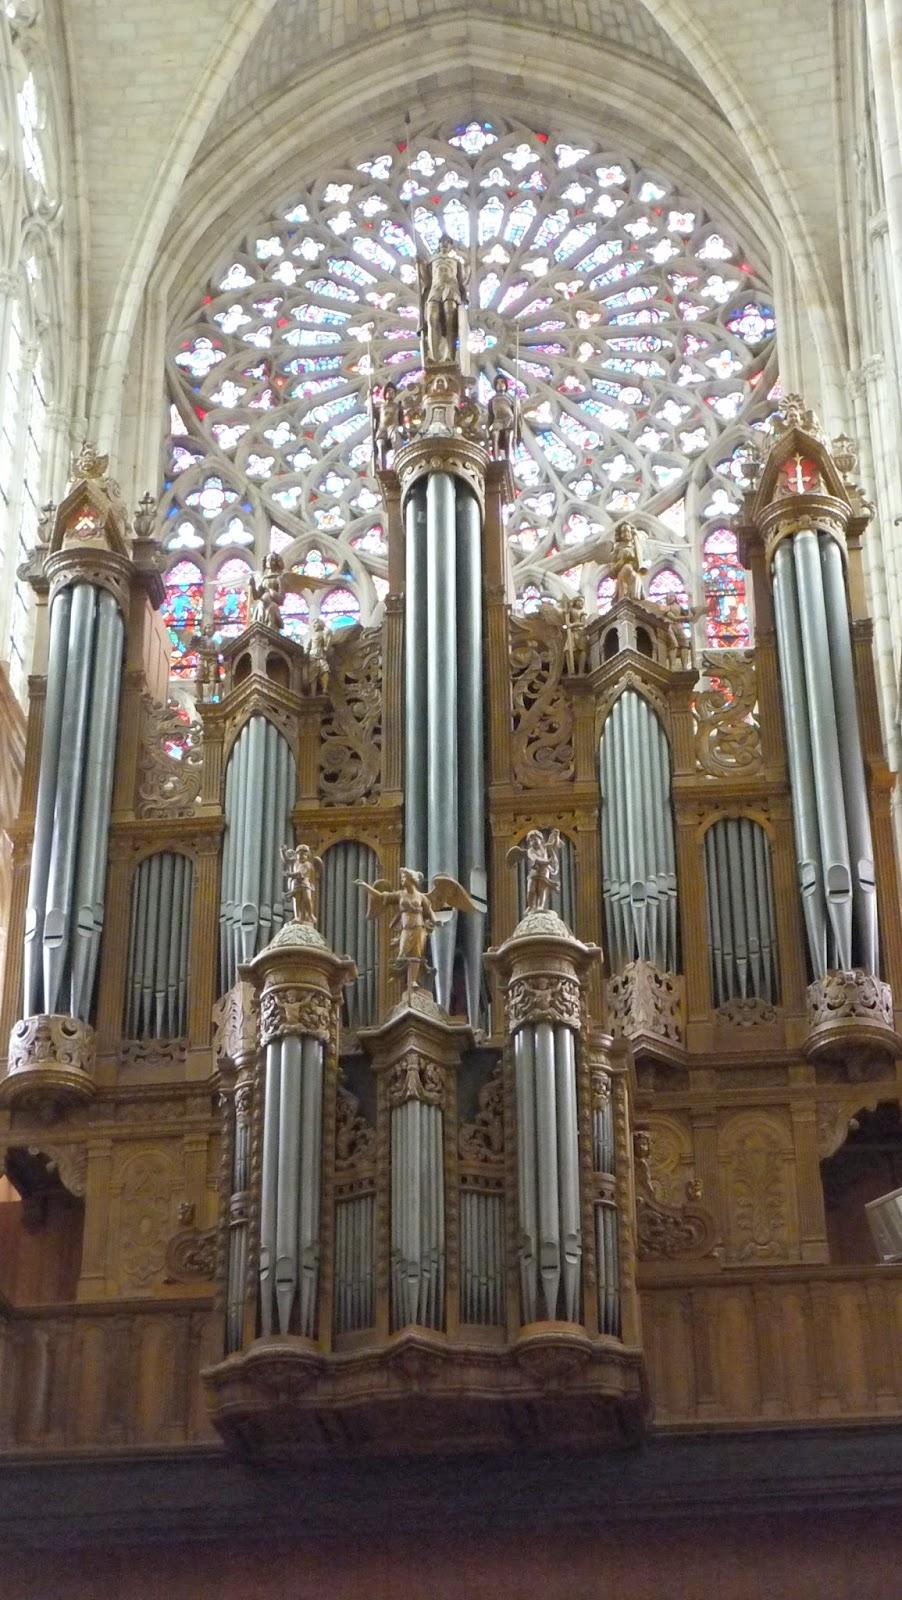 Órgano, Saint Gatien de Tours, Tours, Francia, Elisa N, Blog de Viajes, Lifestyle, Travel